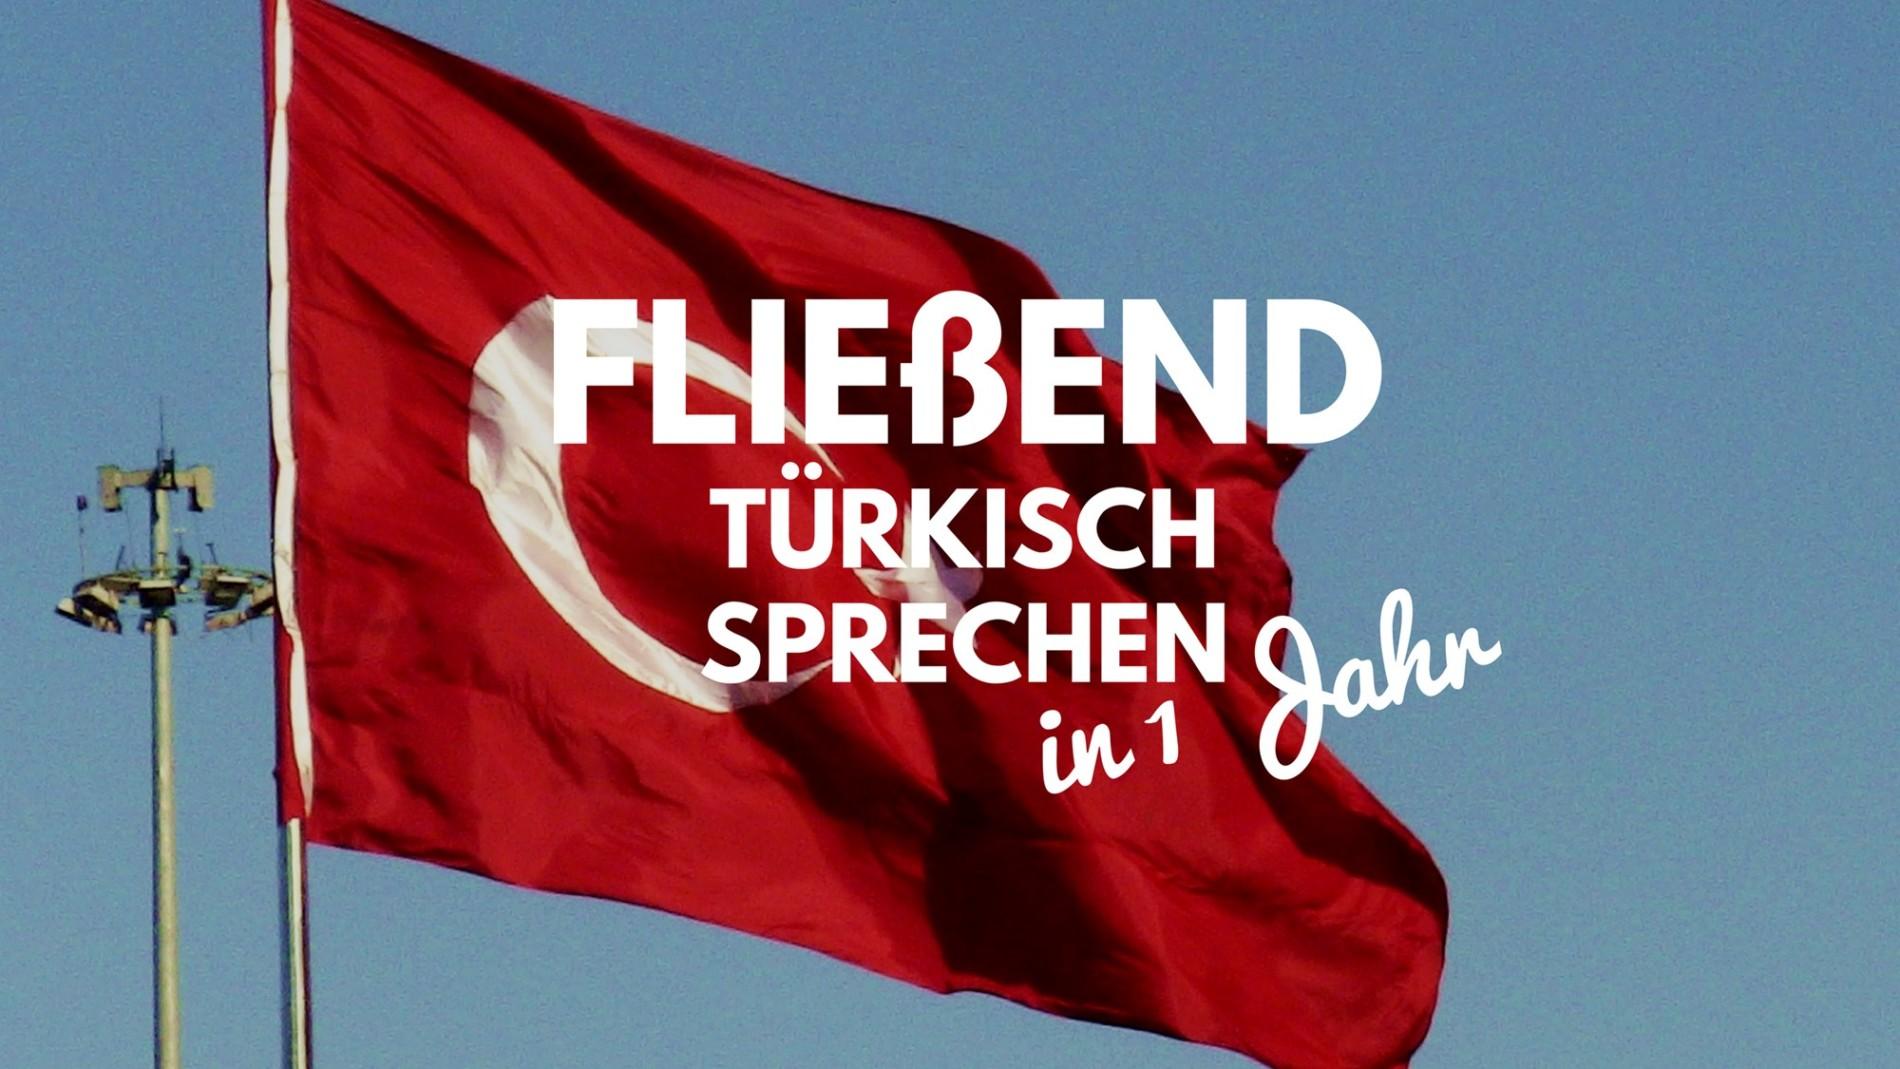 Süße Sprüche Auf Türkisch Sprüche Bilder